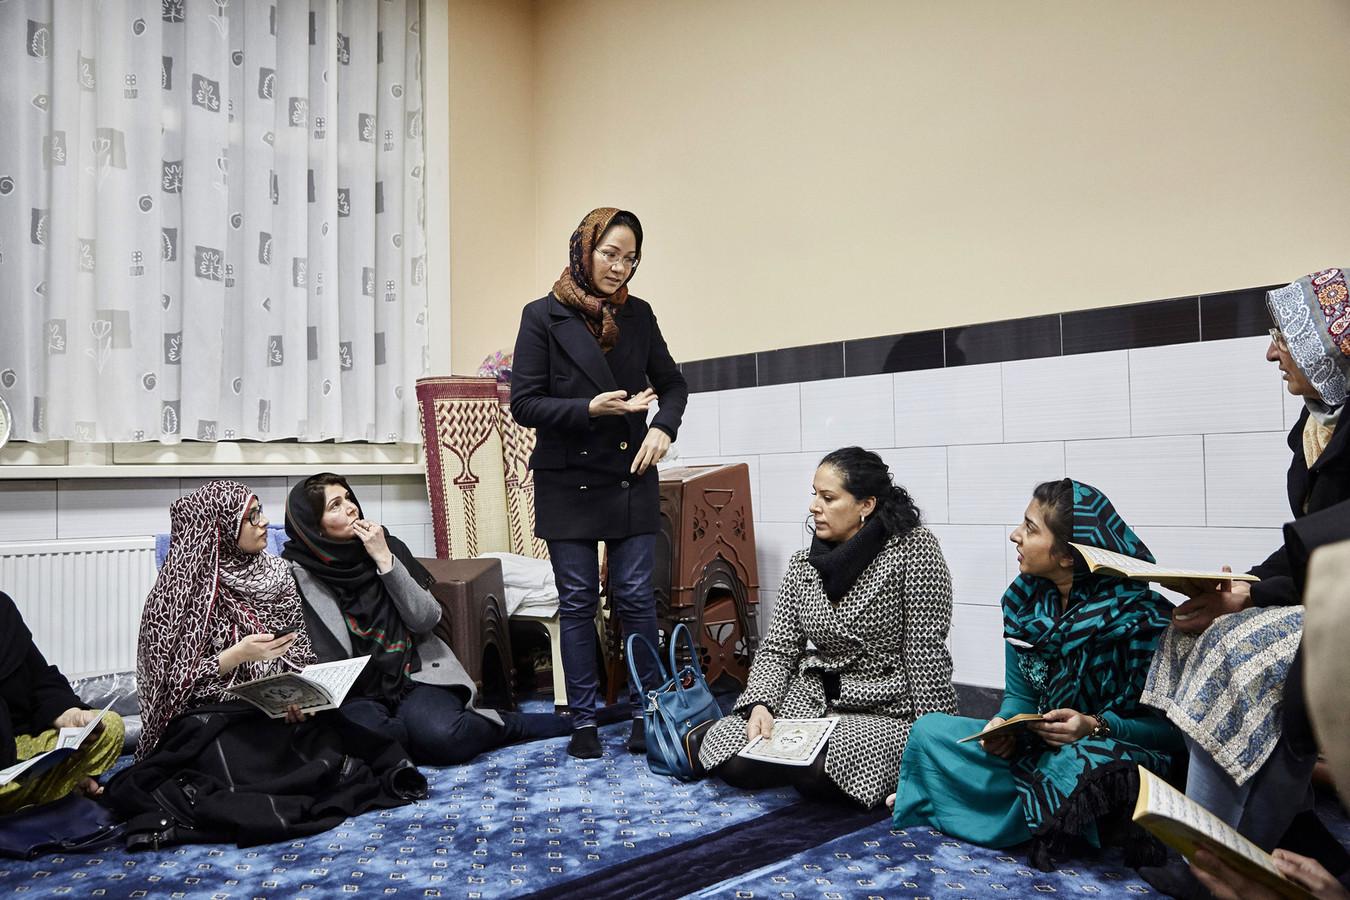 In de Pakistaanse Masjid Ghausia Moskee werd vrijdag een gebedsbijeenkomst voor Yasmeen afgedwongen.